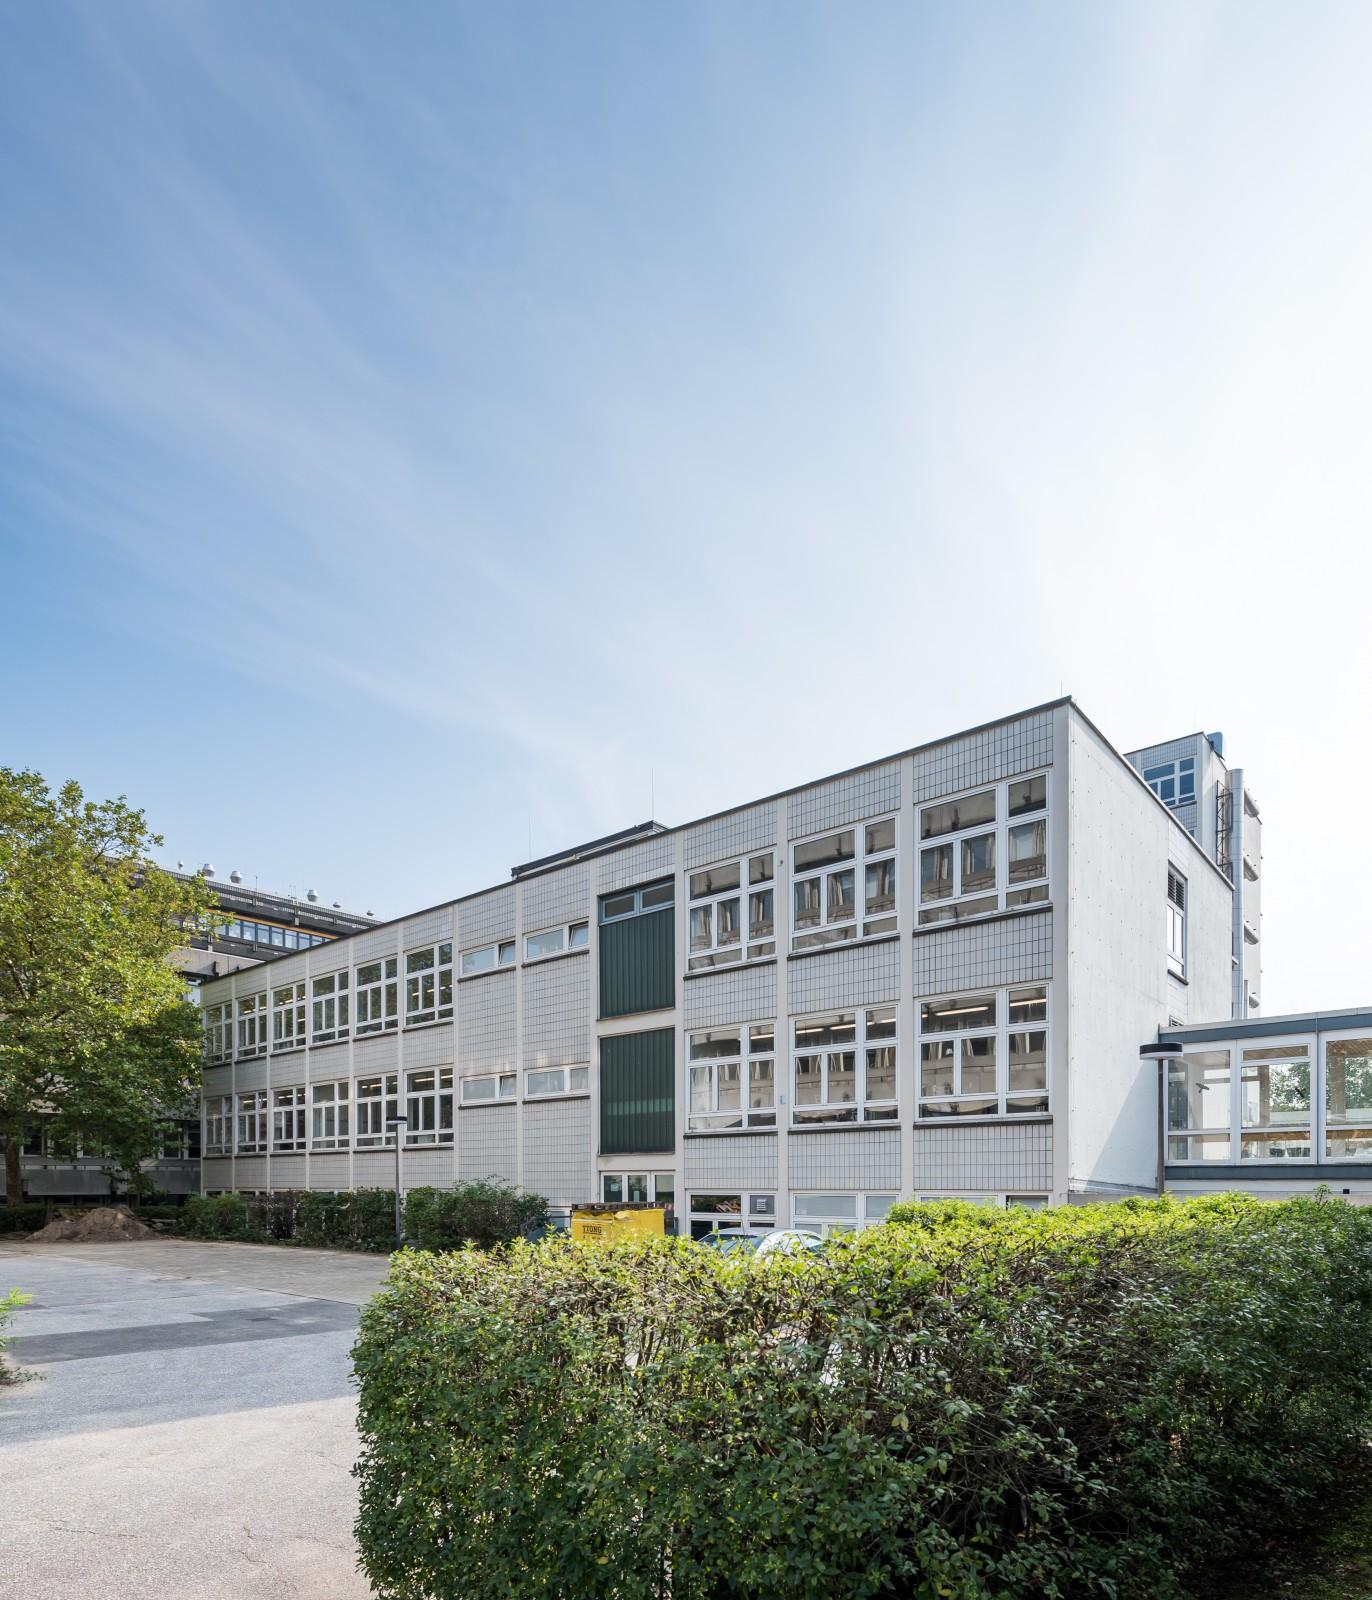 umbau-bestand-uni-hamburg-fachbereich-chemie-Institut-fuer-biochemie-und-molekularbiologie-ansicht